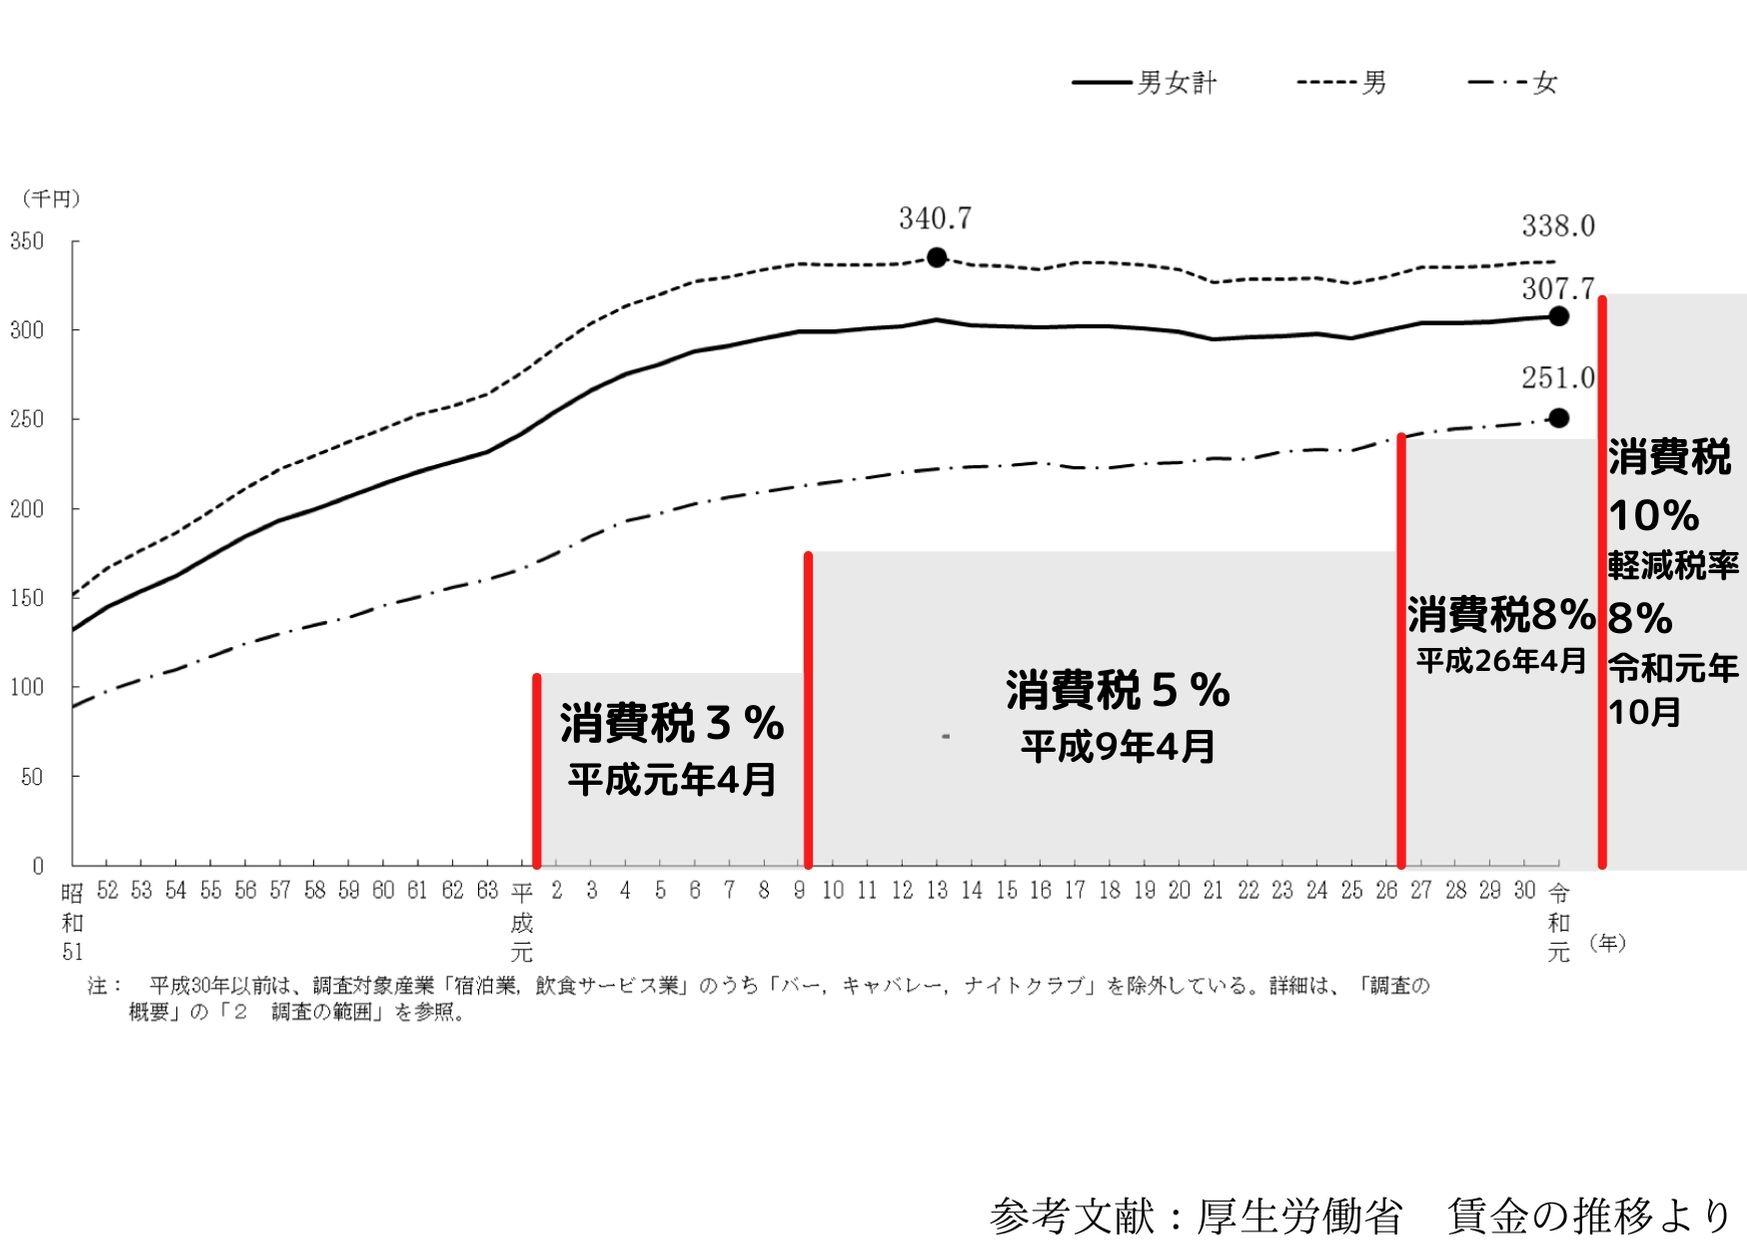 日本の過去40年以上の月収の推移